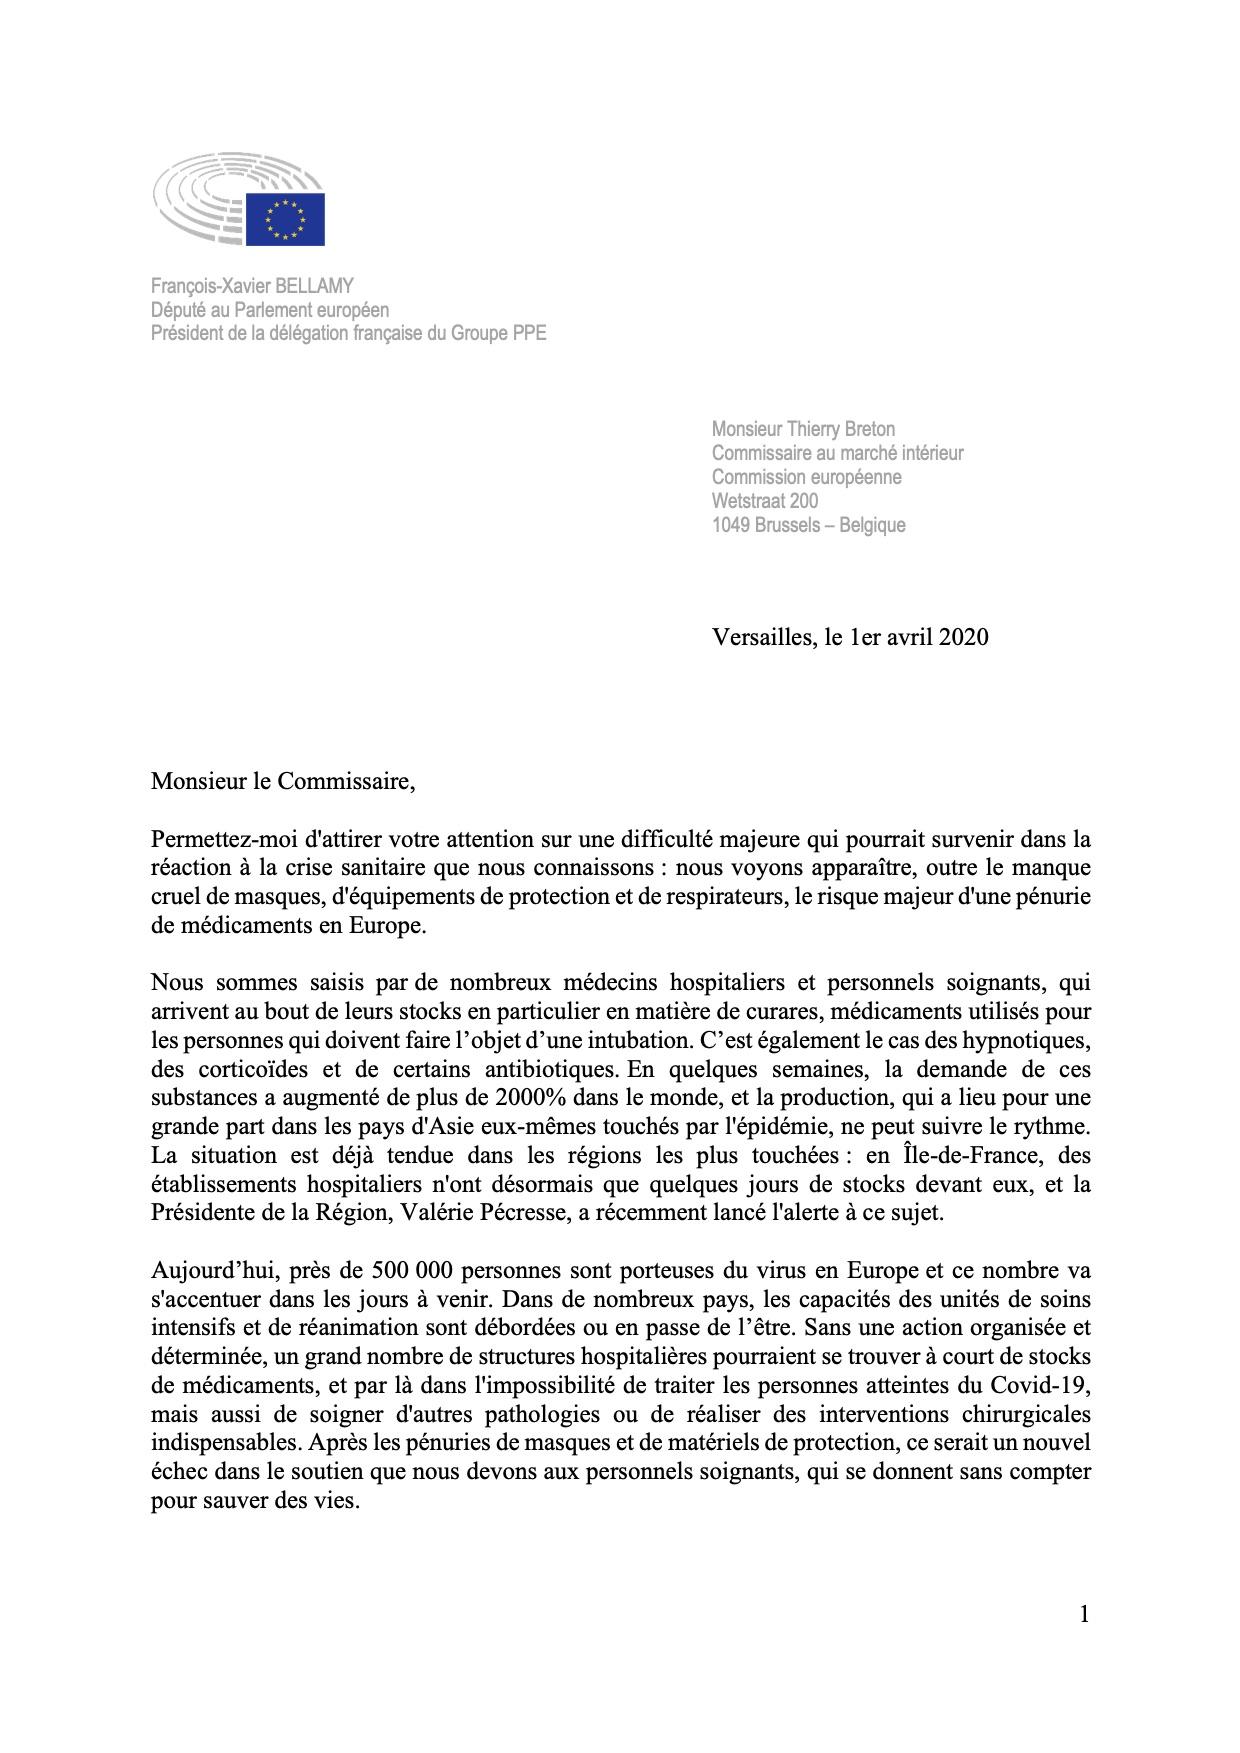 Pénurie de médicaments : lettre de François-Xavier Bellamy à Thierry Breton (1/2)